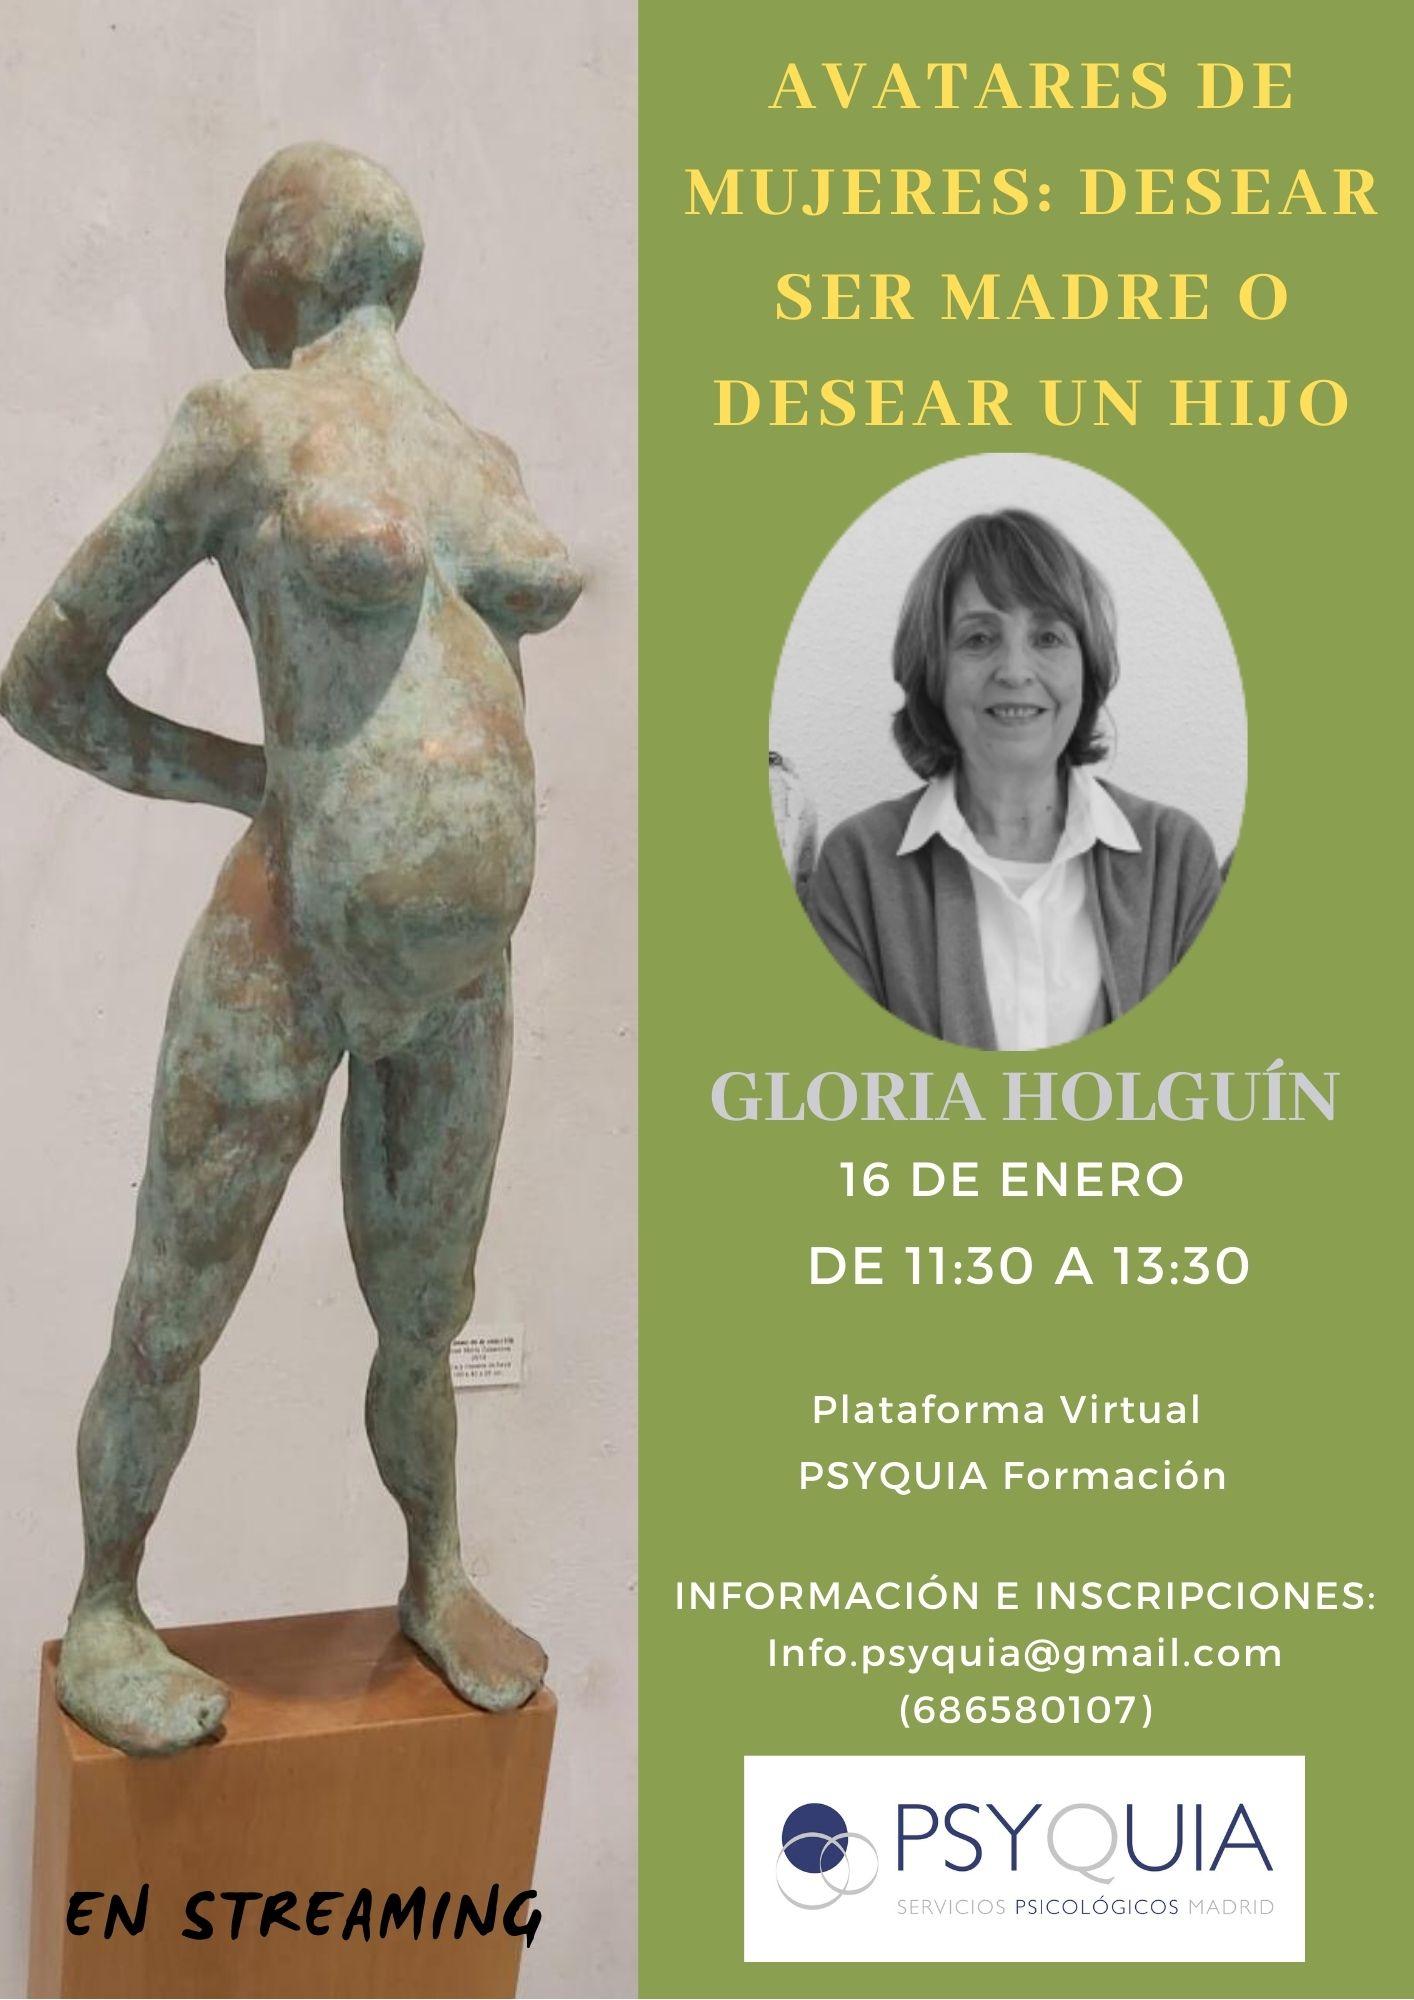 Lección 4. Avatares de mujeres: Desear ser madre o desear un hijo.  II CICLO «DEL DESEO AL GOCE» – Gloria Holguín